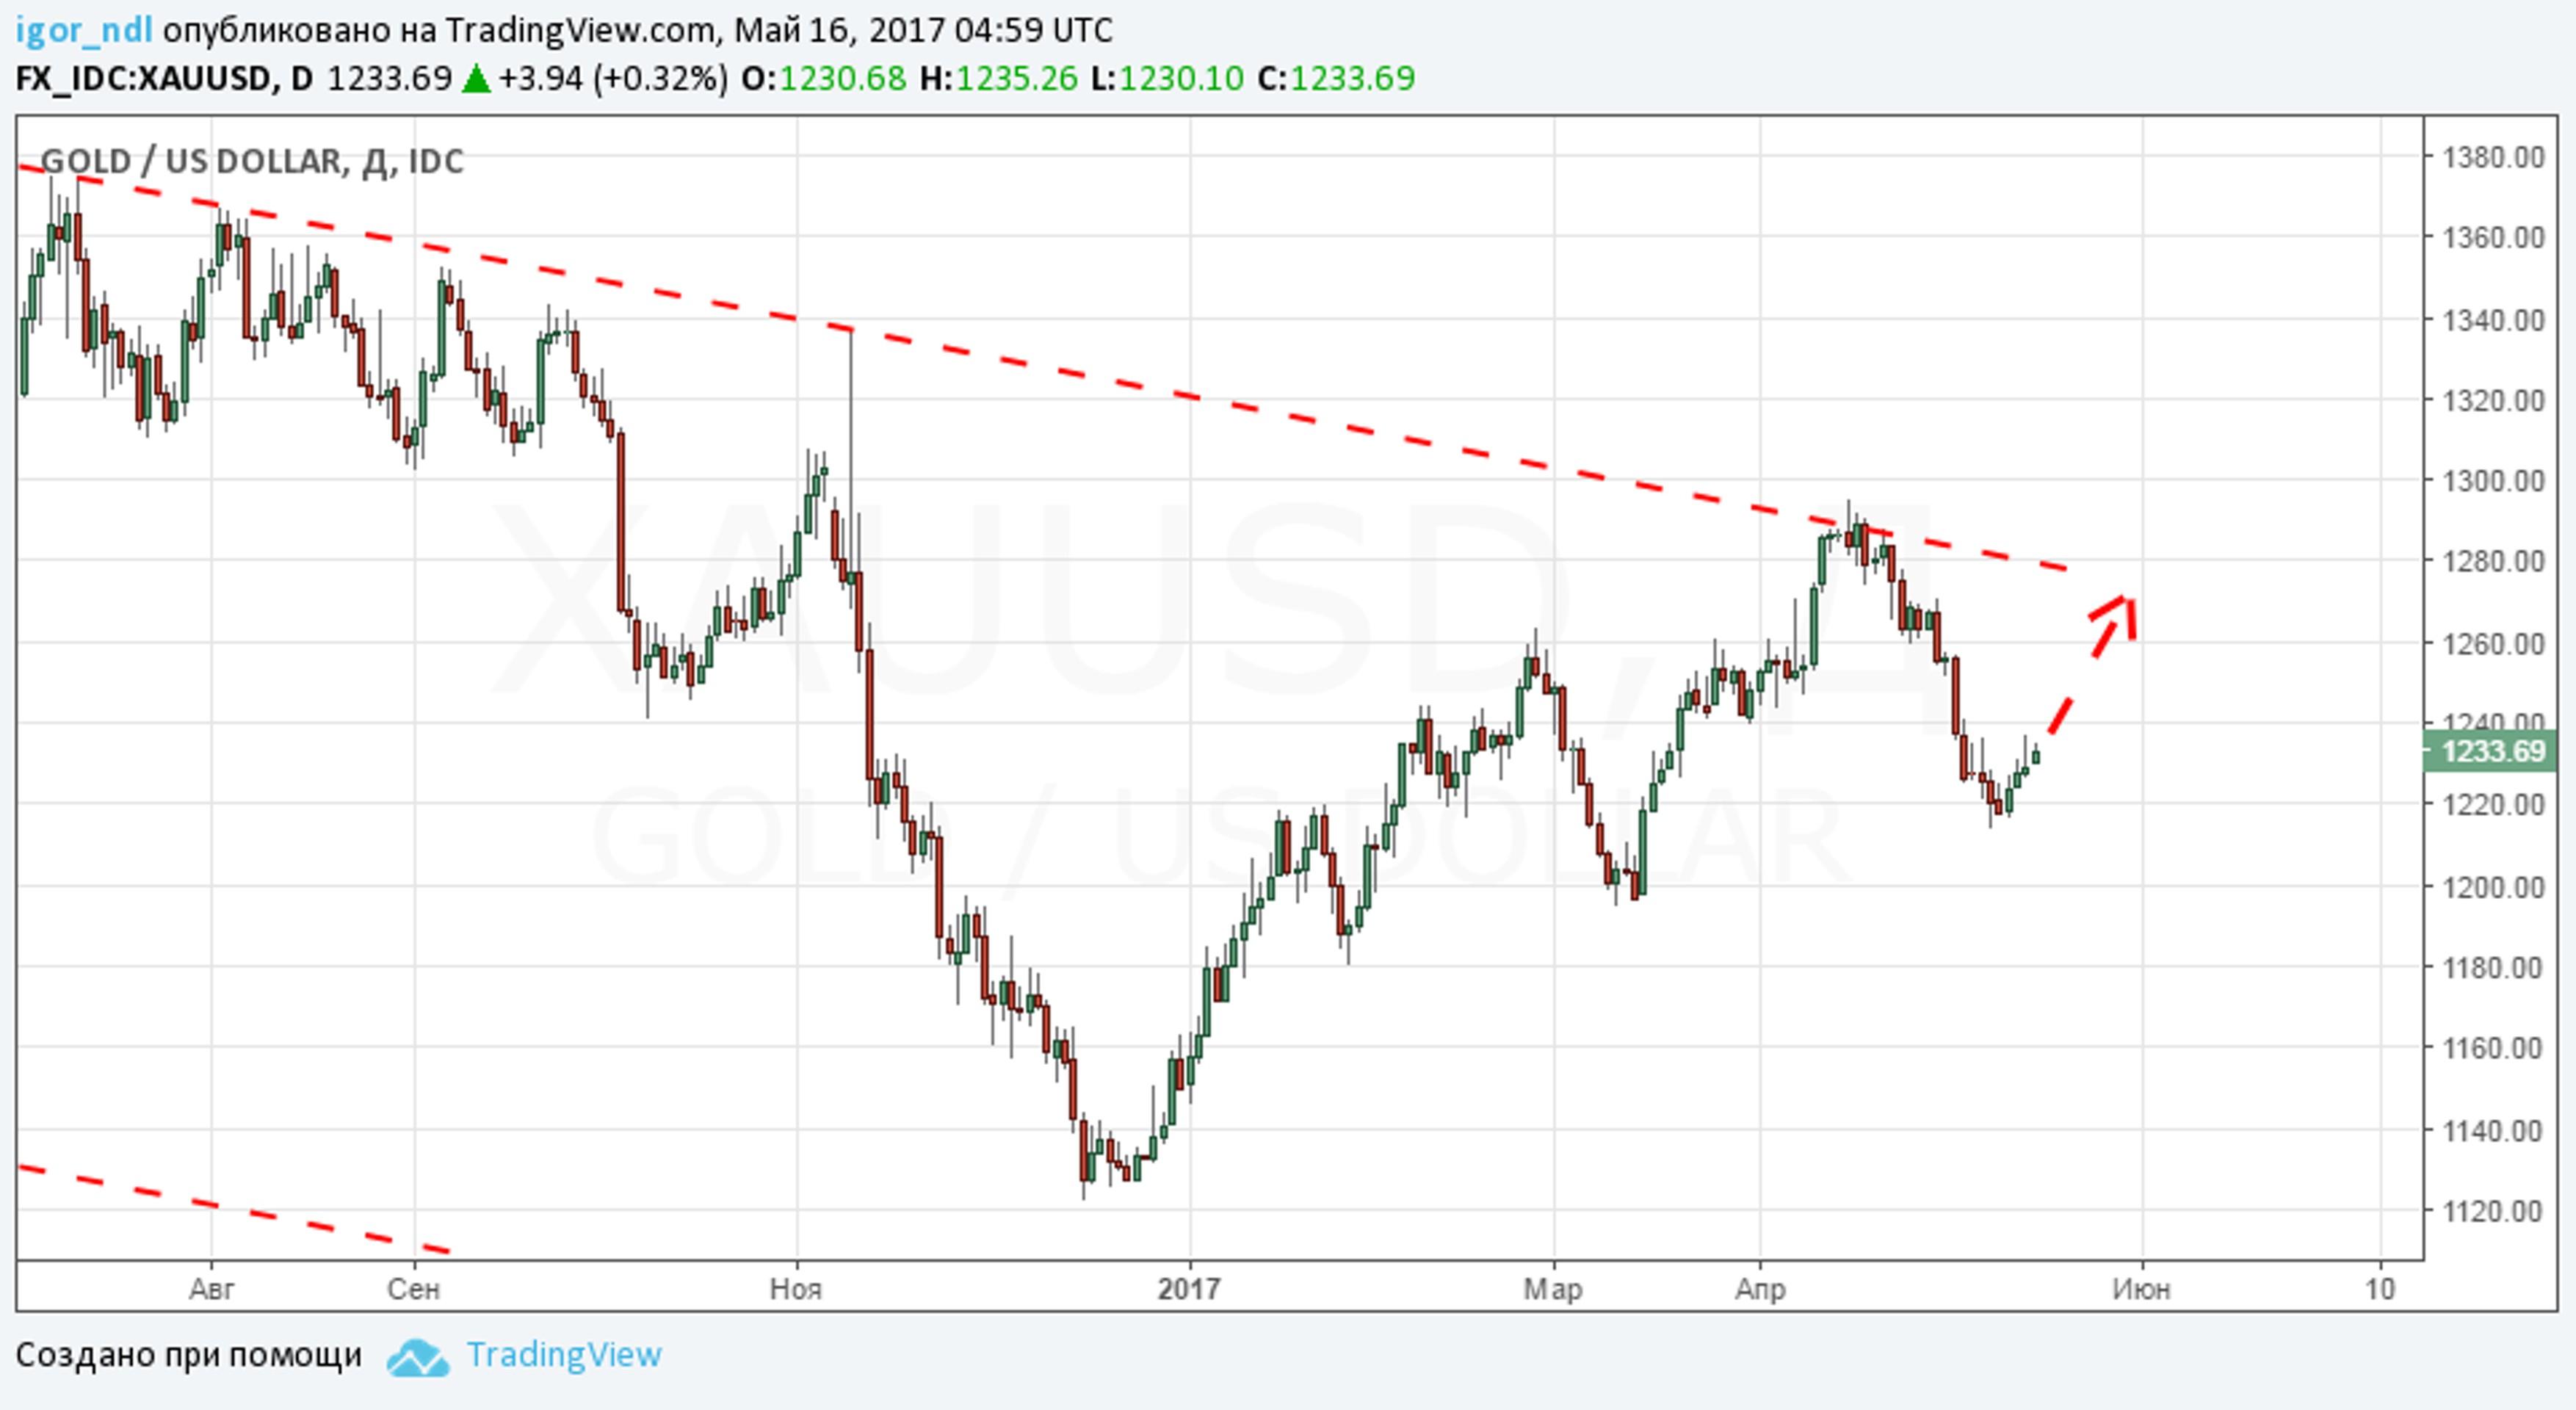 Золото продают рекордными темпами. Что будет с ценой